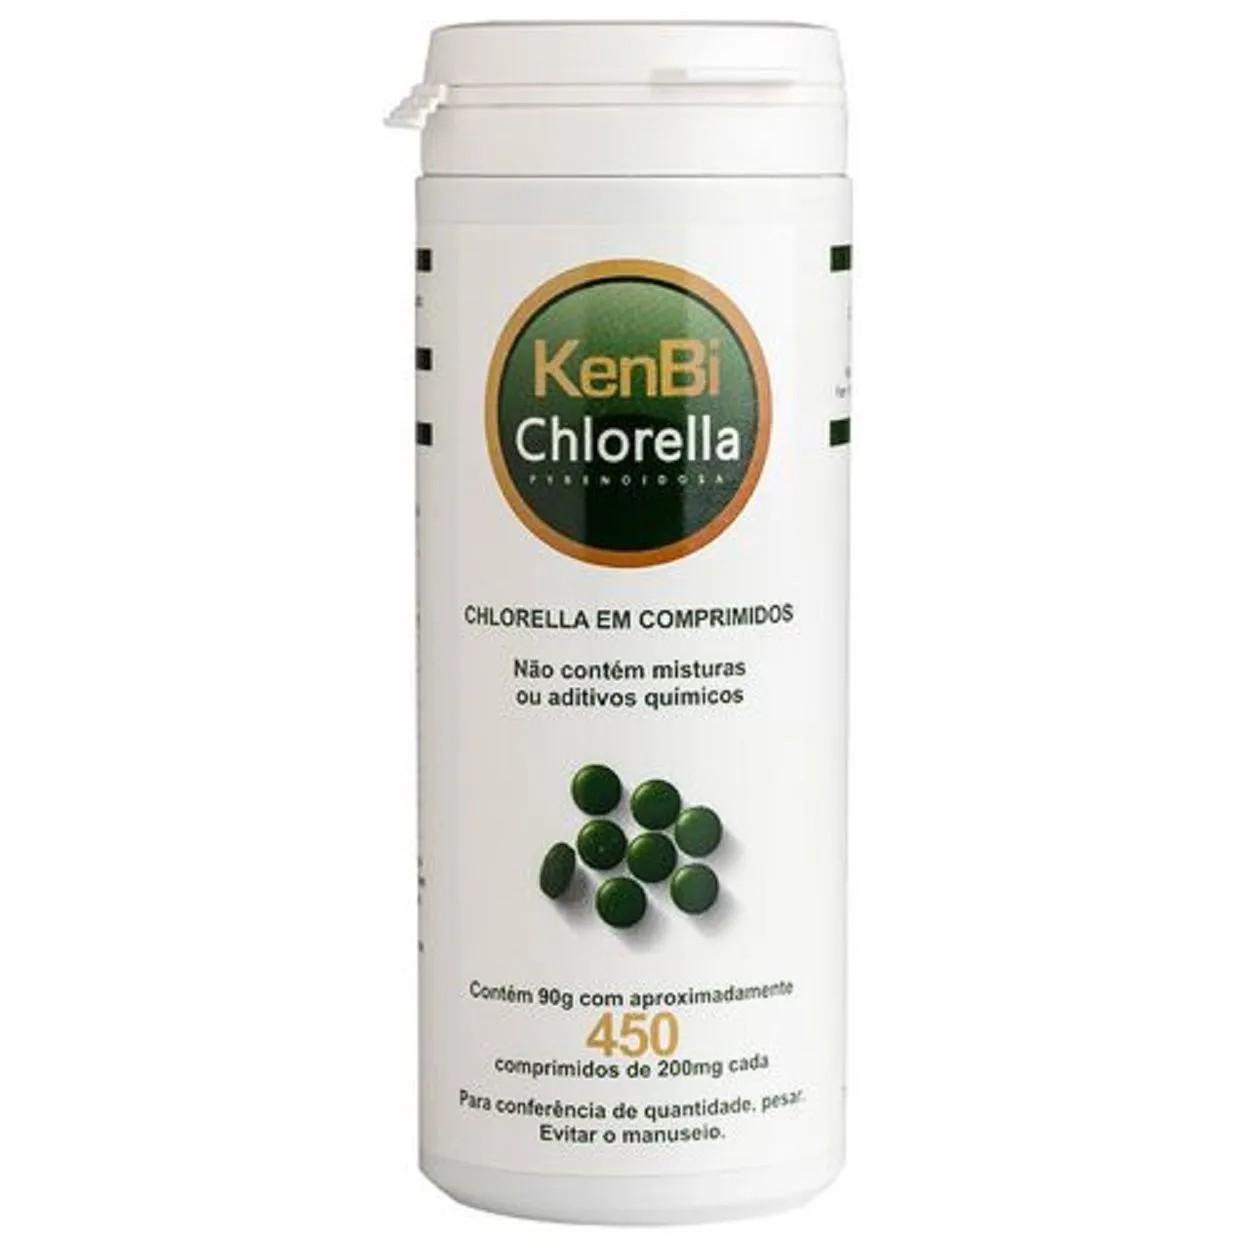 Chlorella Capsula 450 Comprimidos - Kenbi